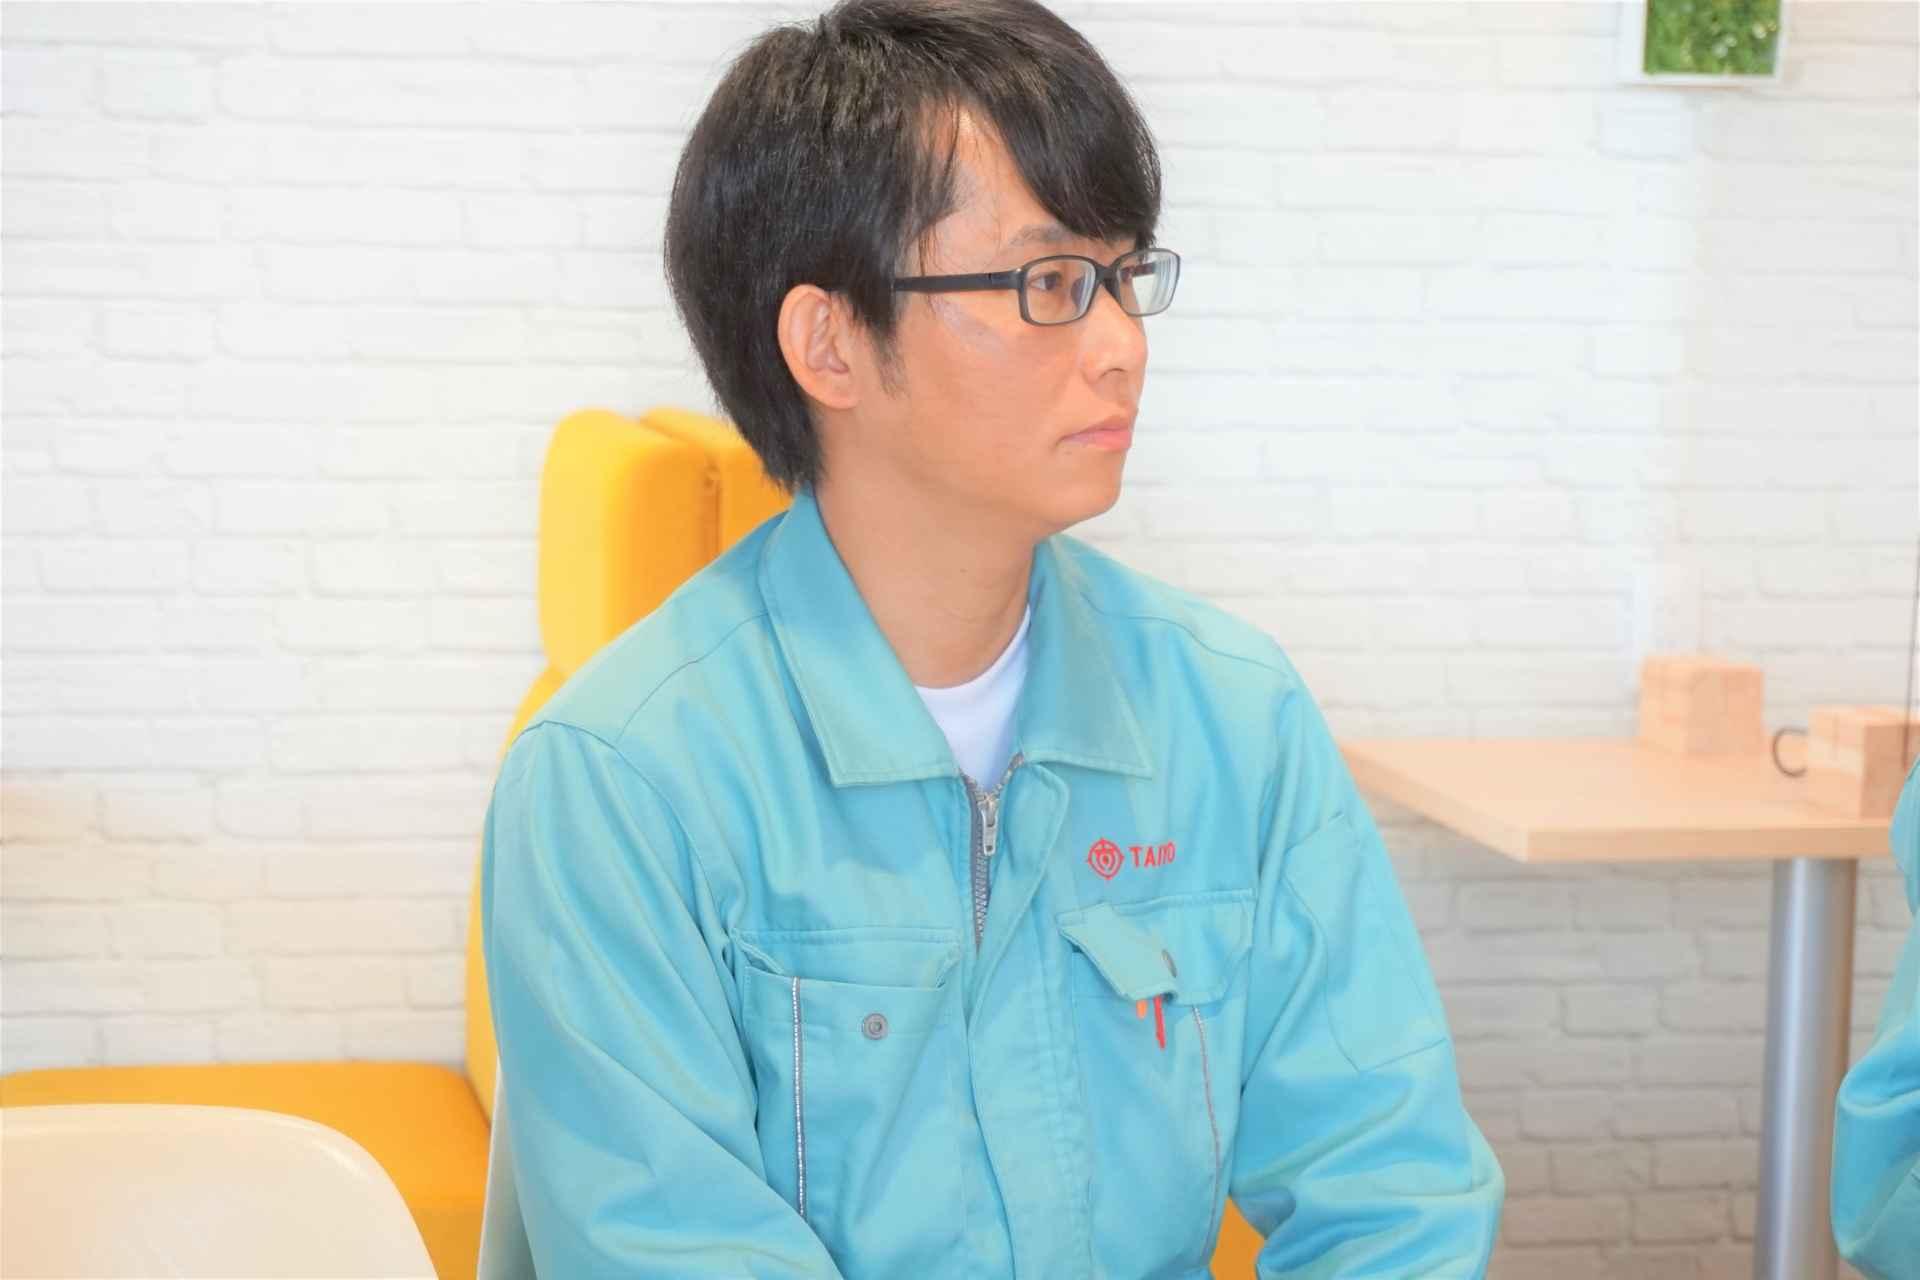 システム設計部 構造設計課 主任  新井 貴也 氏